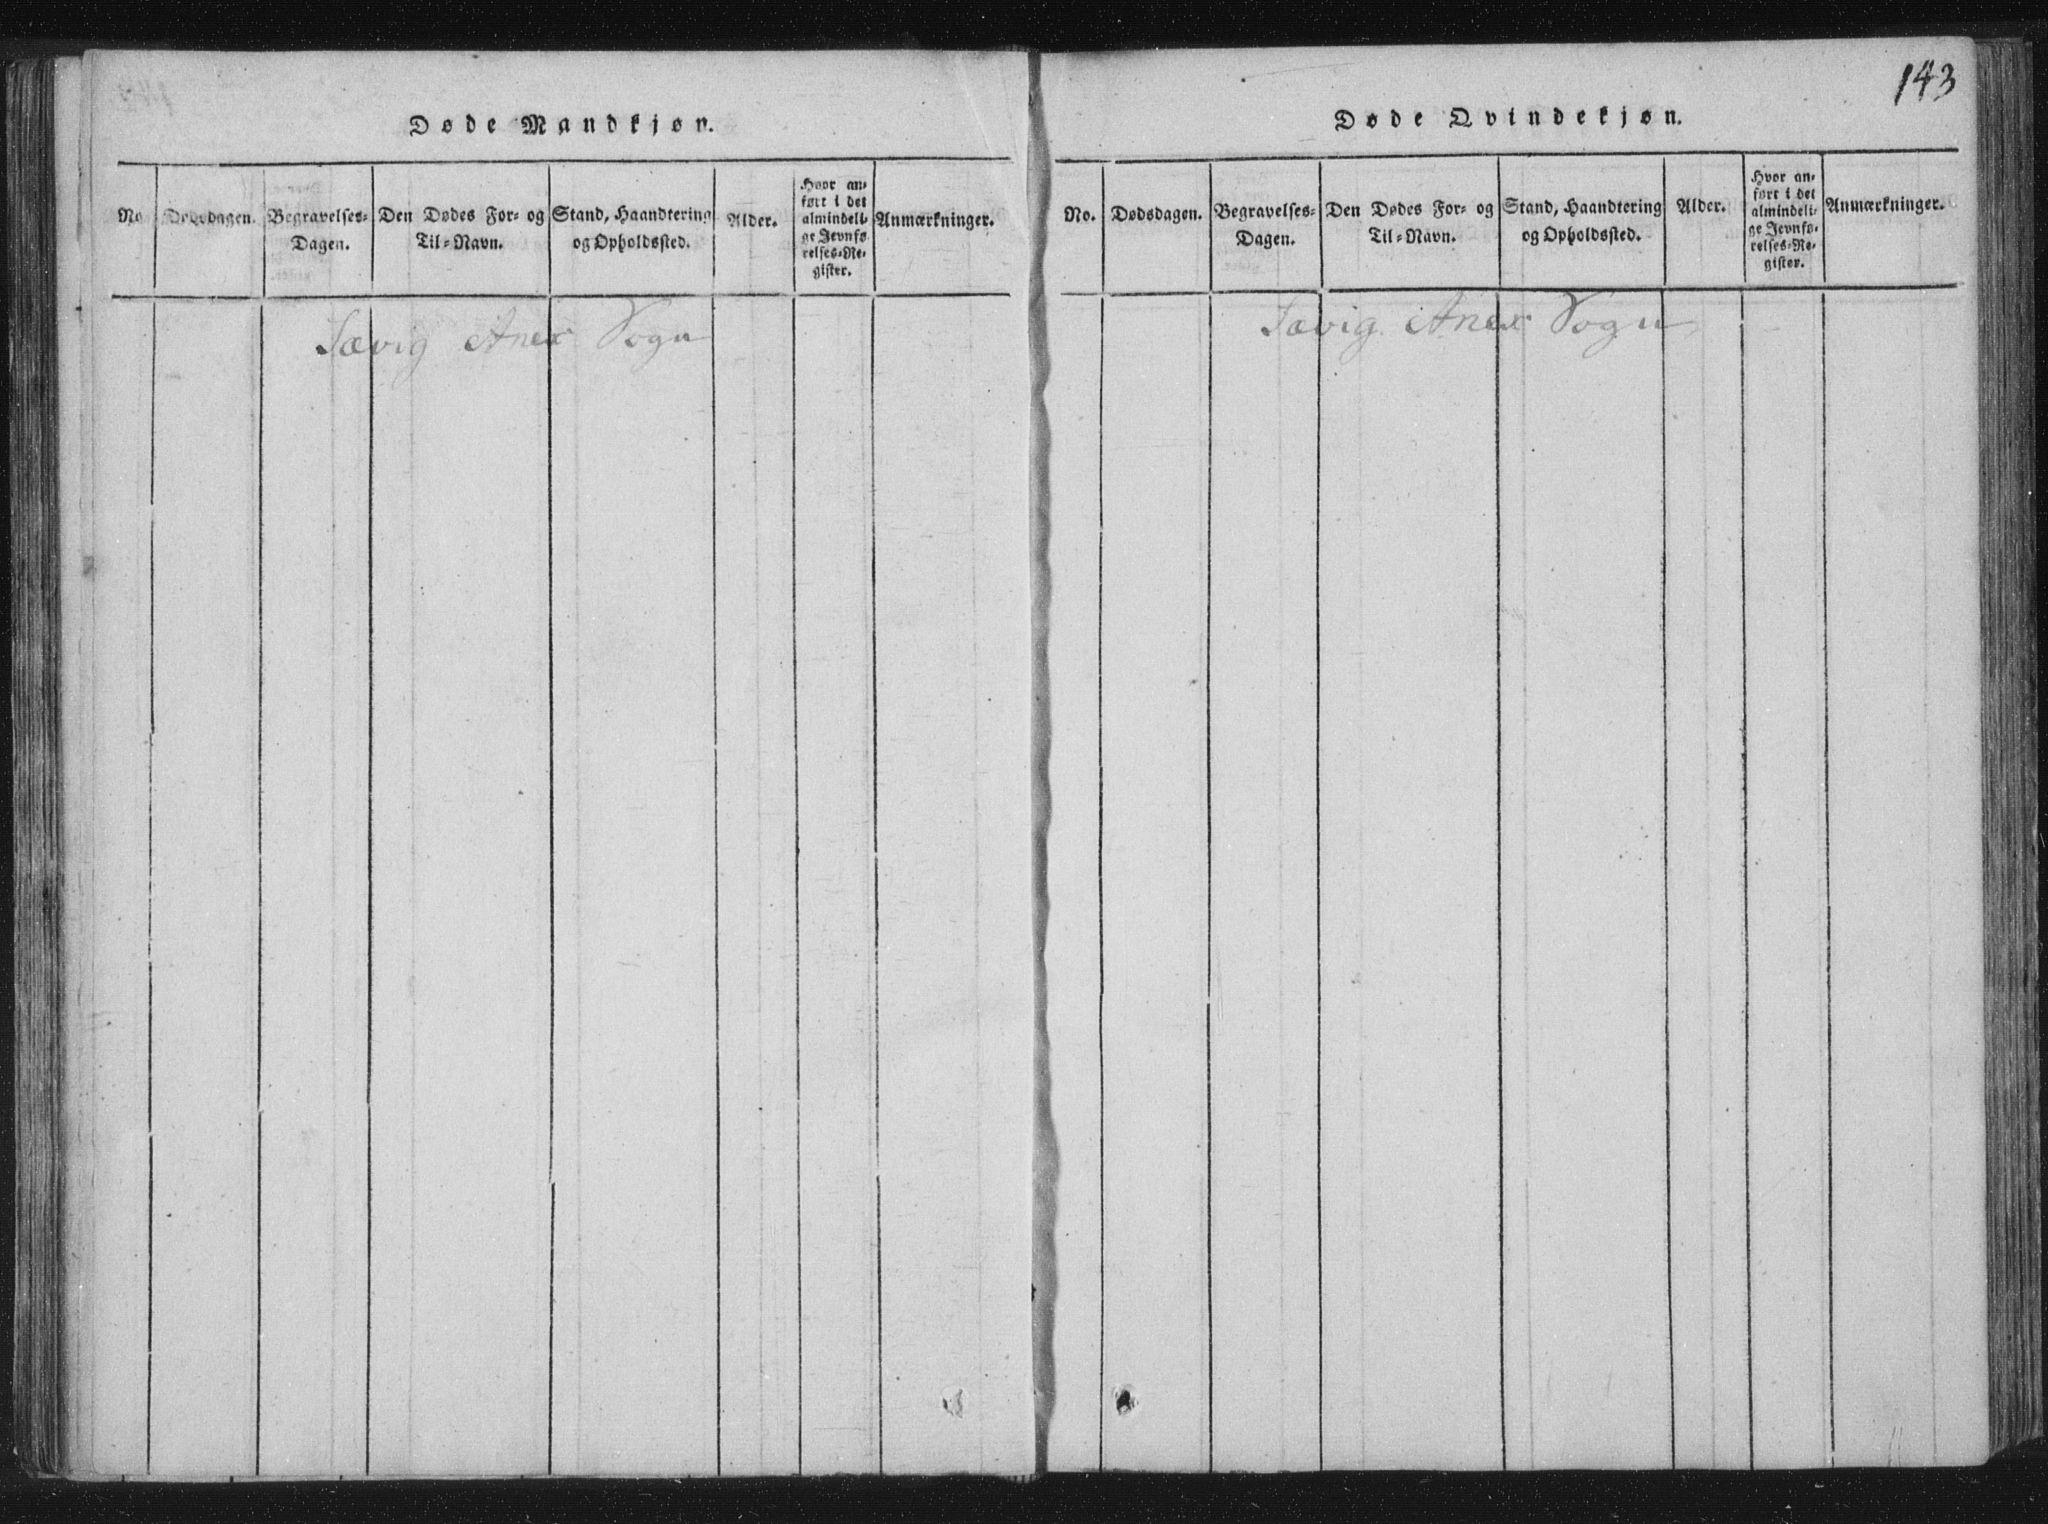 SAT, Ministerialprotokoller, klokkerbøker og fødselsregistre - Nord-Trøndelag, 773/L0609: Ministerialbok nr. 773A03 /4, 1815-1818, s. 143